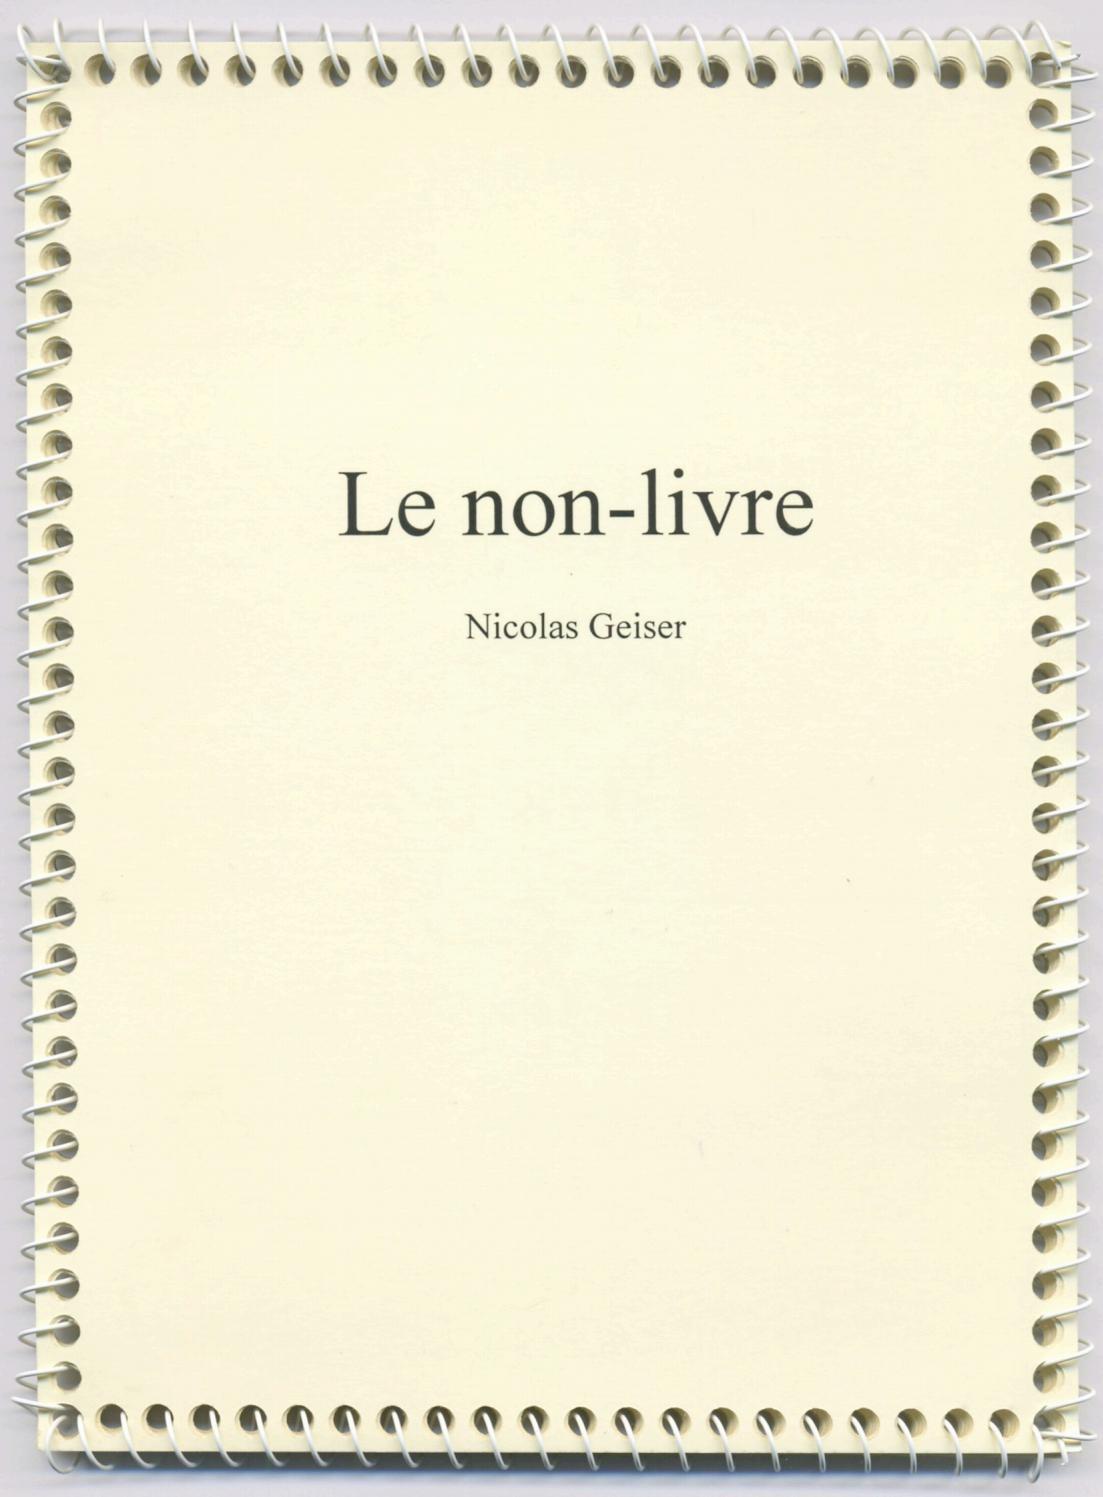 Nicolas Geiser. [Le non-livre], 2006